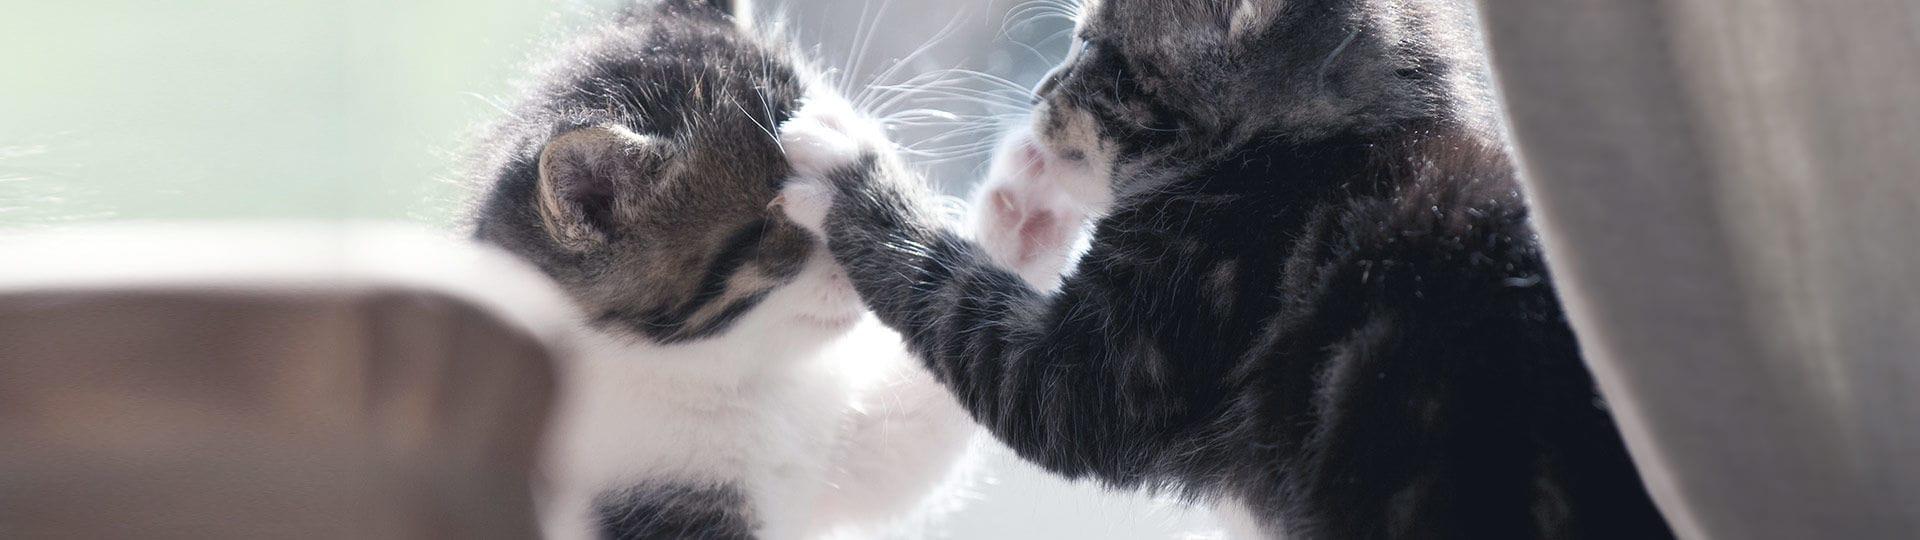 Macska konfliktus